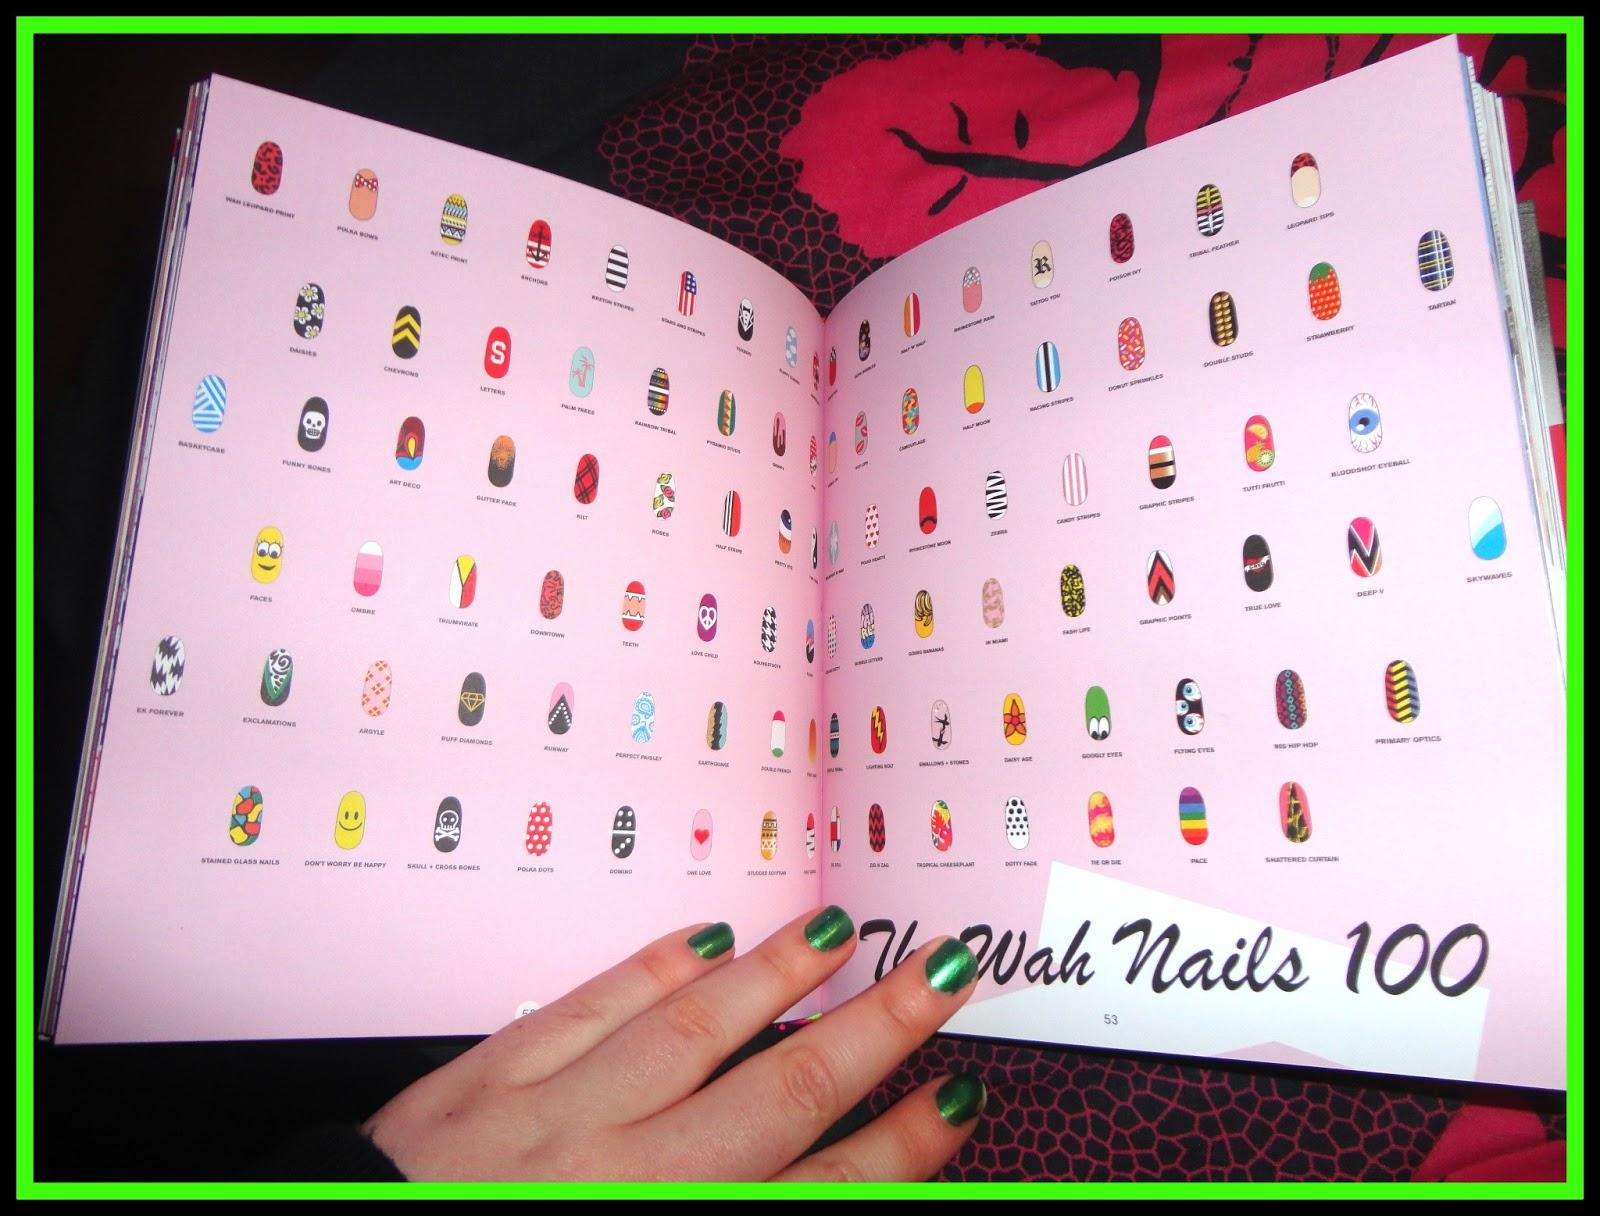 The Wah Book of Nail Art